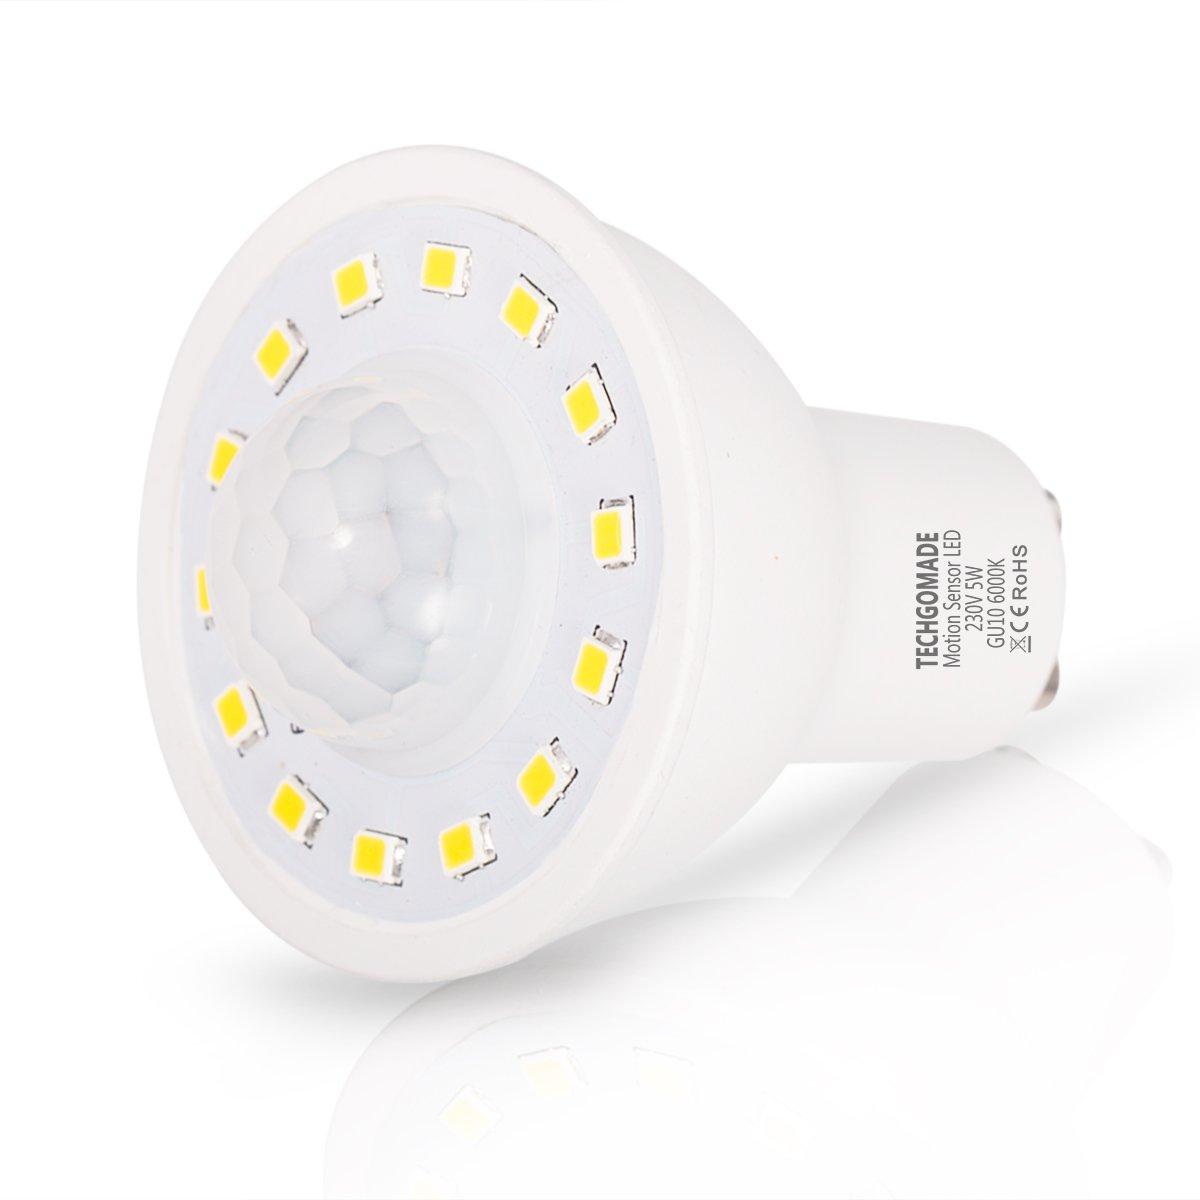 2 x bombillas de sensor de movimiento, TECHGOMADE 5W LED GU10, equivalente a 50w incandescente, 500lm, blanco de día 6000K, lámpara de infrarrojos de luz ...